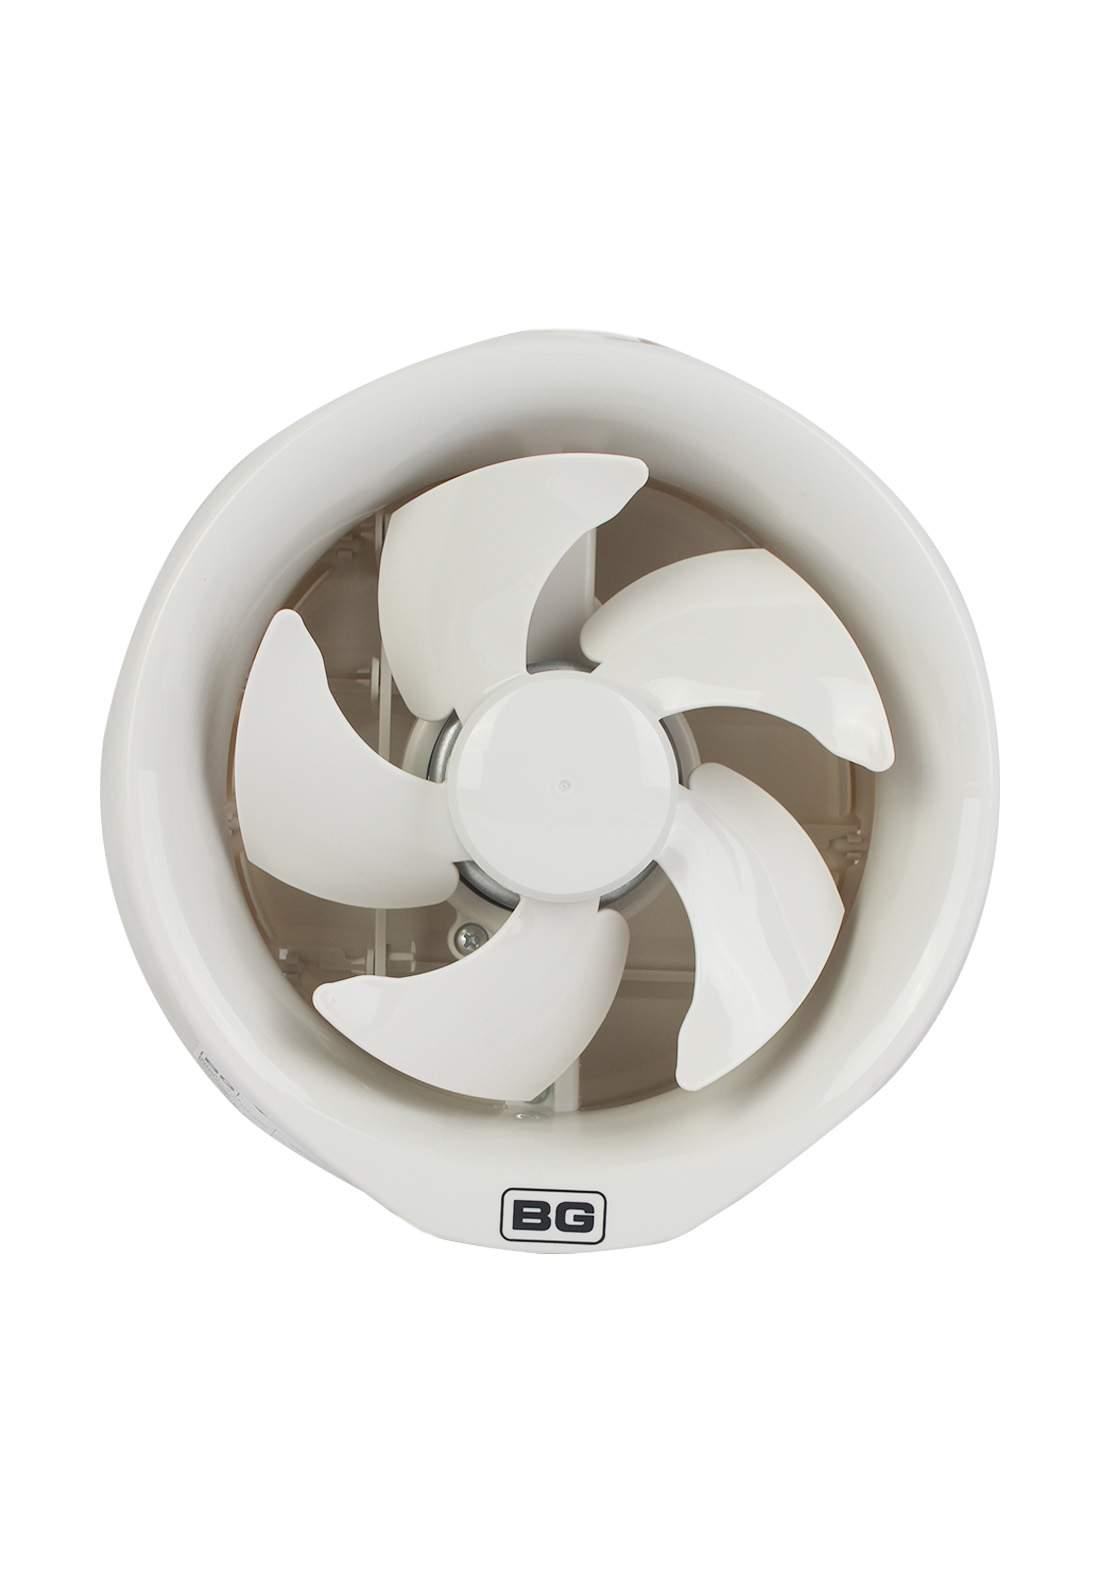 Bg Ventilating Fan 6 inch مفرغة هواء (ساحبة)